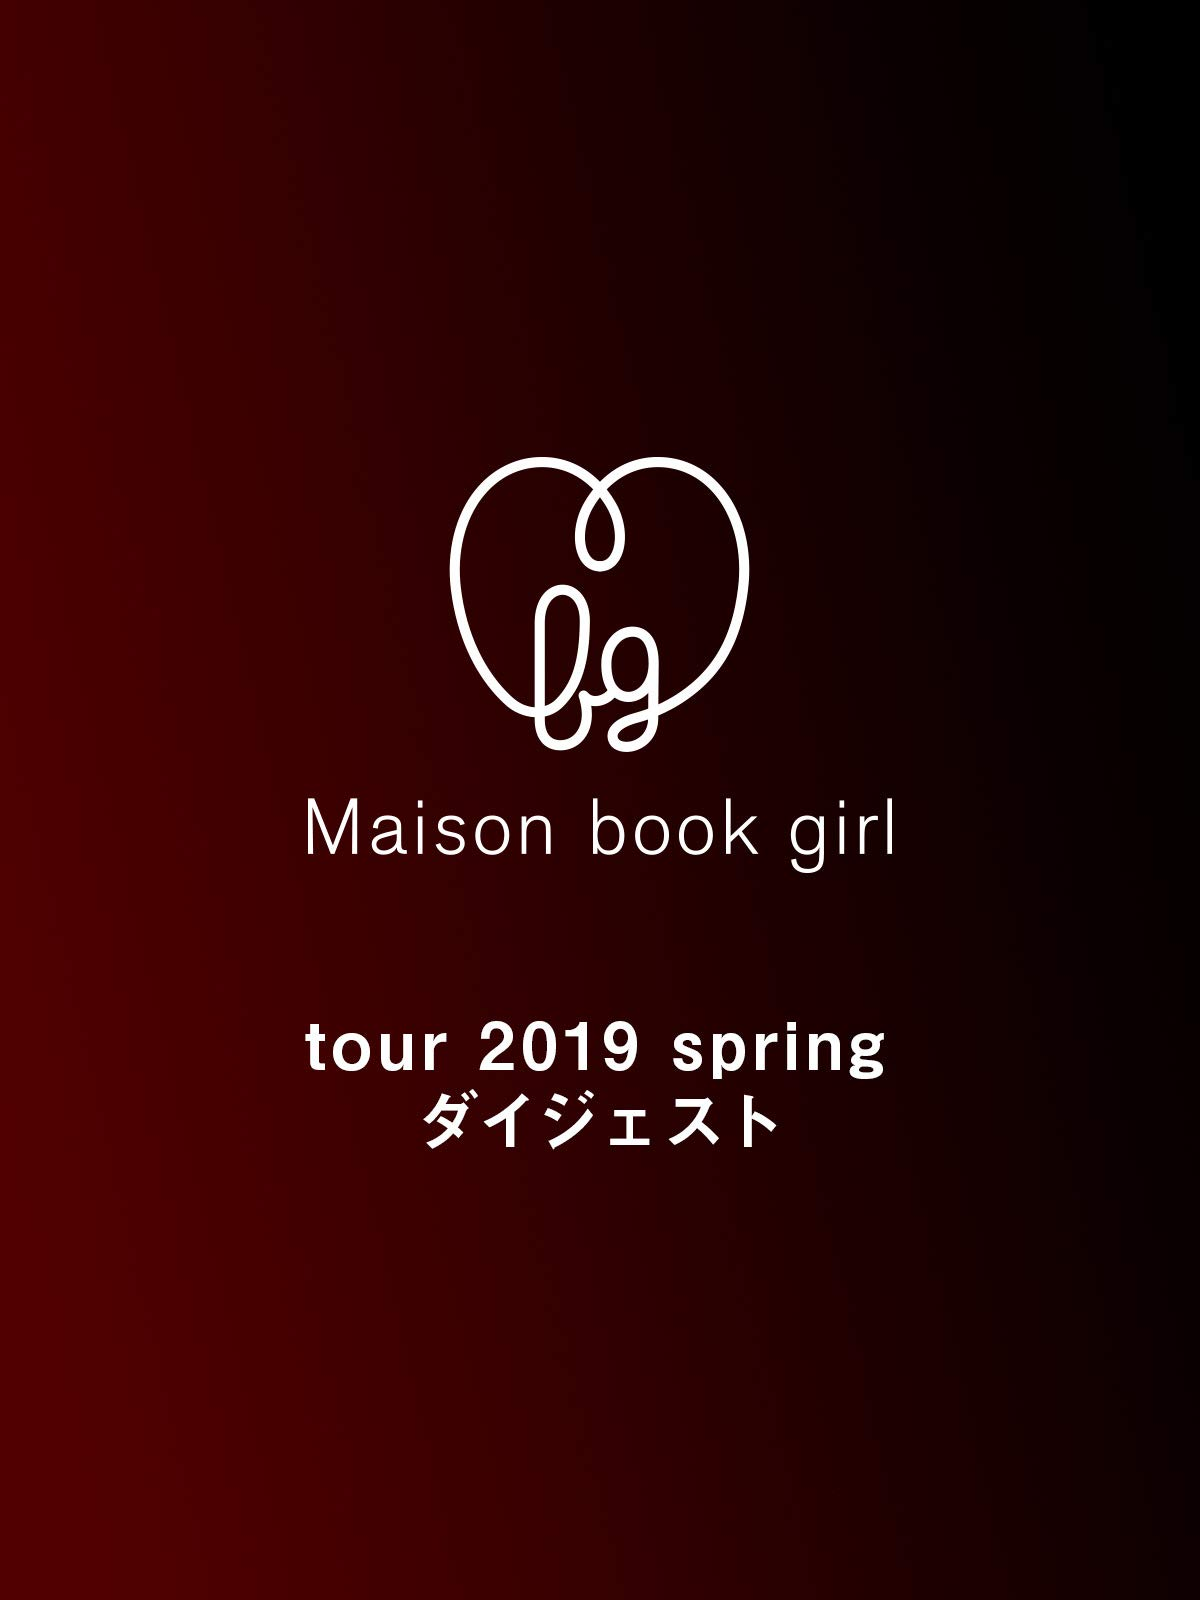 Maison book girl tour 2019